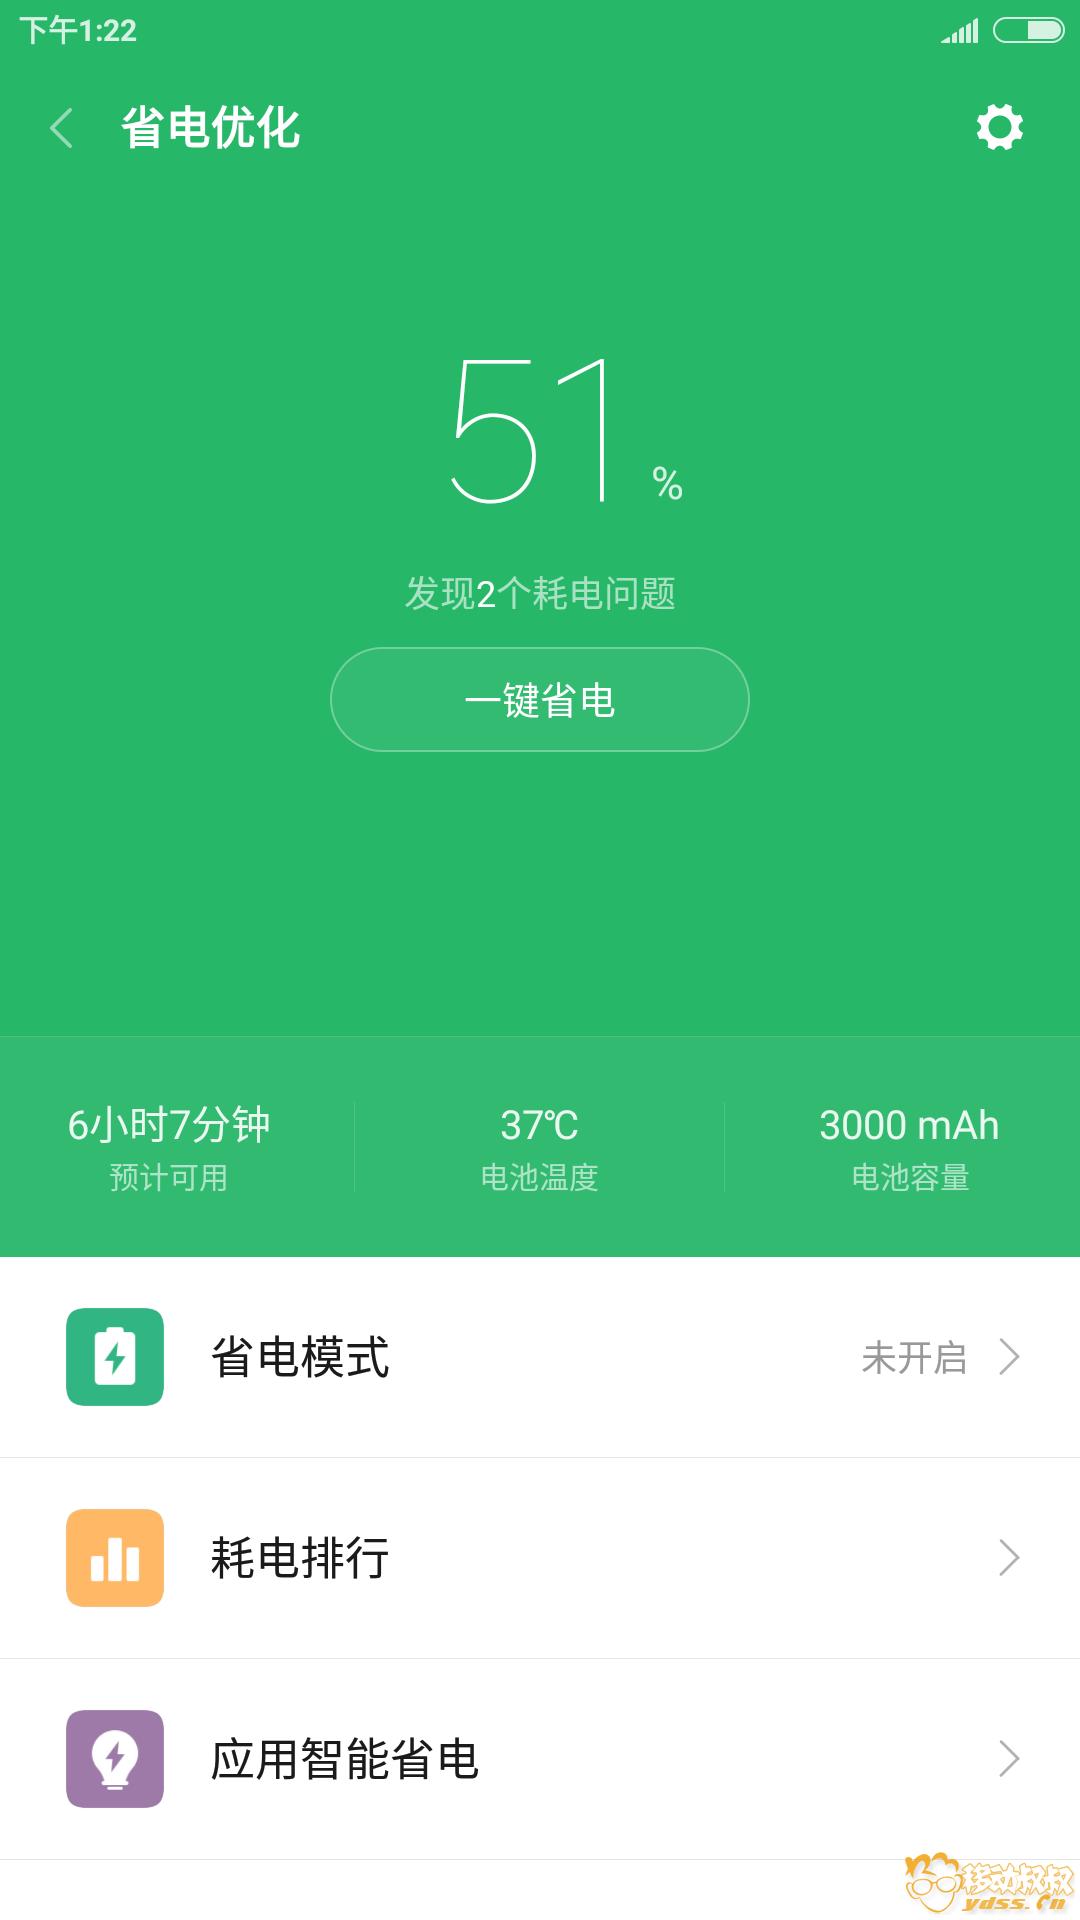 Screenshot_2017-08-12-13-22-24-898_com.miui.securitycenter.png